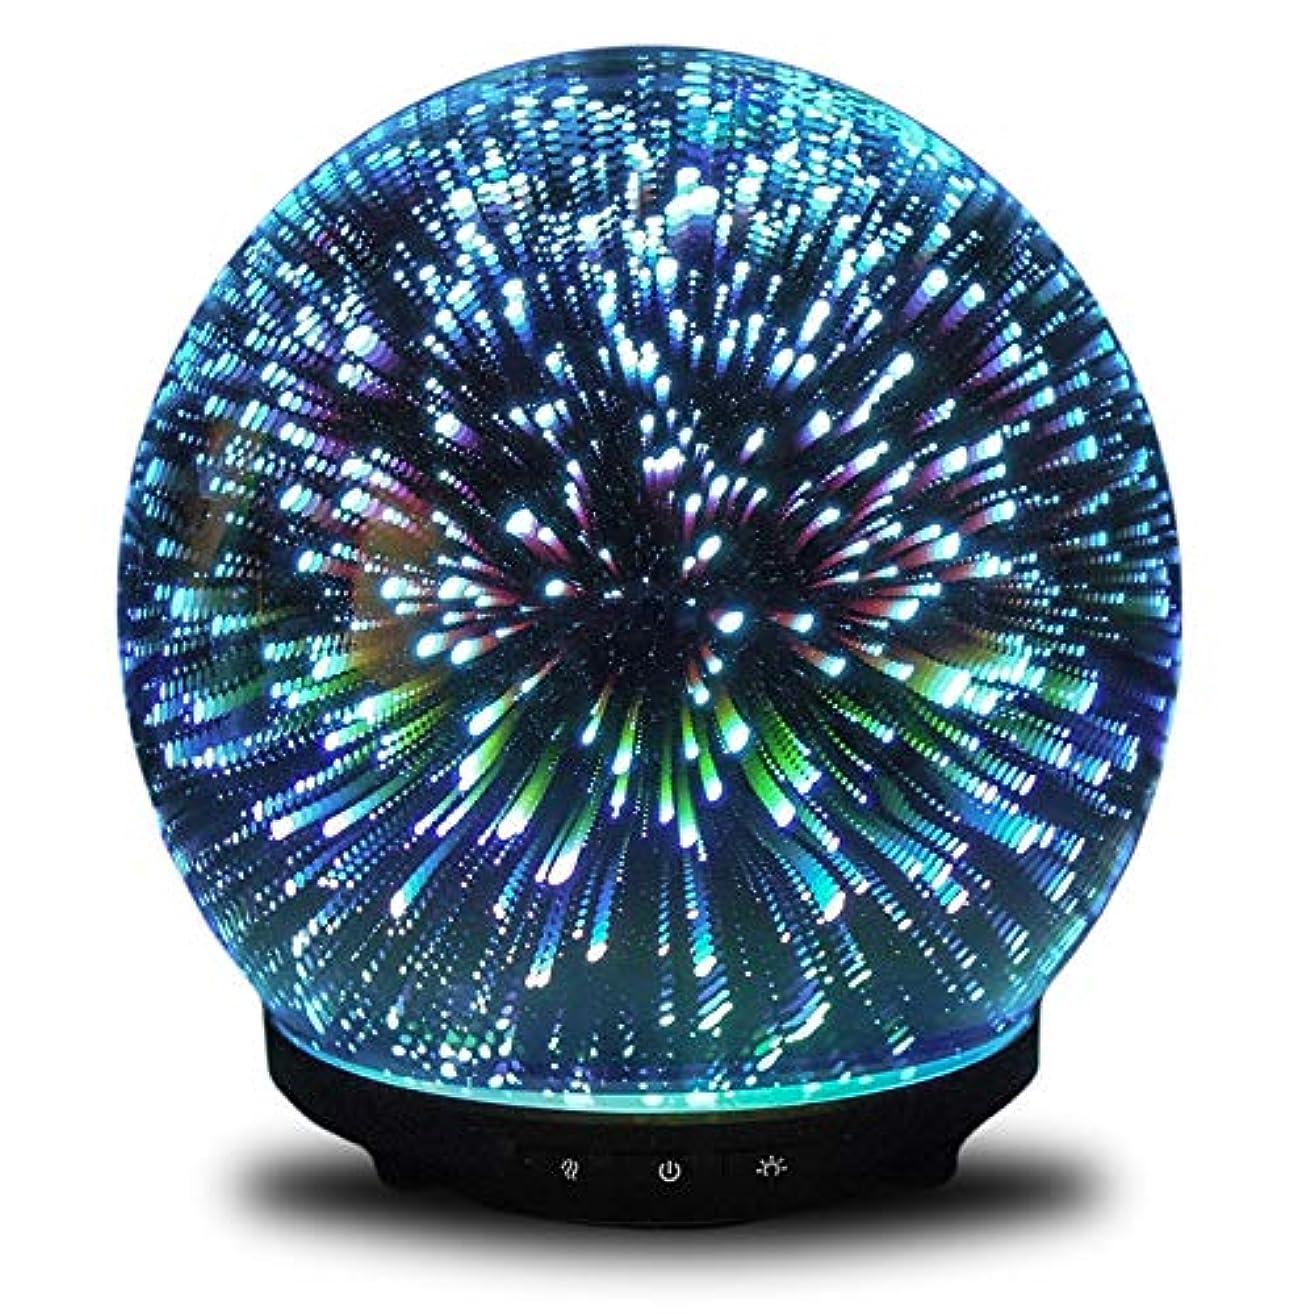 シェード突っ込む普通のORION by Simply Diffusers | Original 3D Aromatherapy Essential Oil Cool Mist Diffuser | 3 Button Technology for...